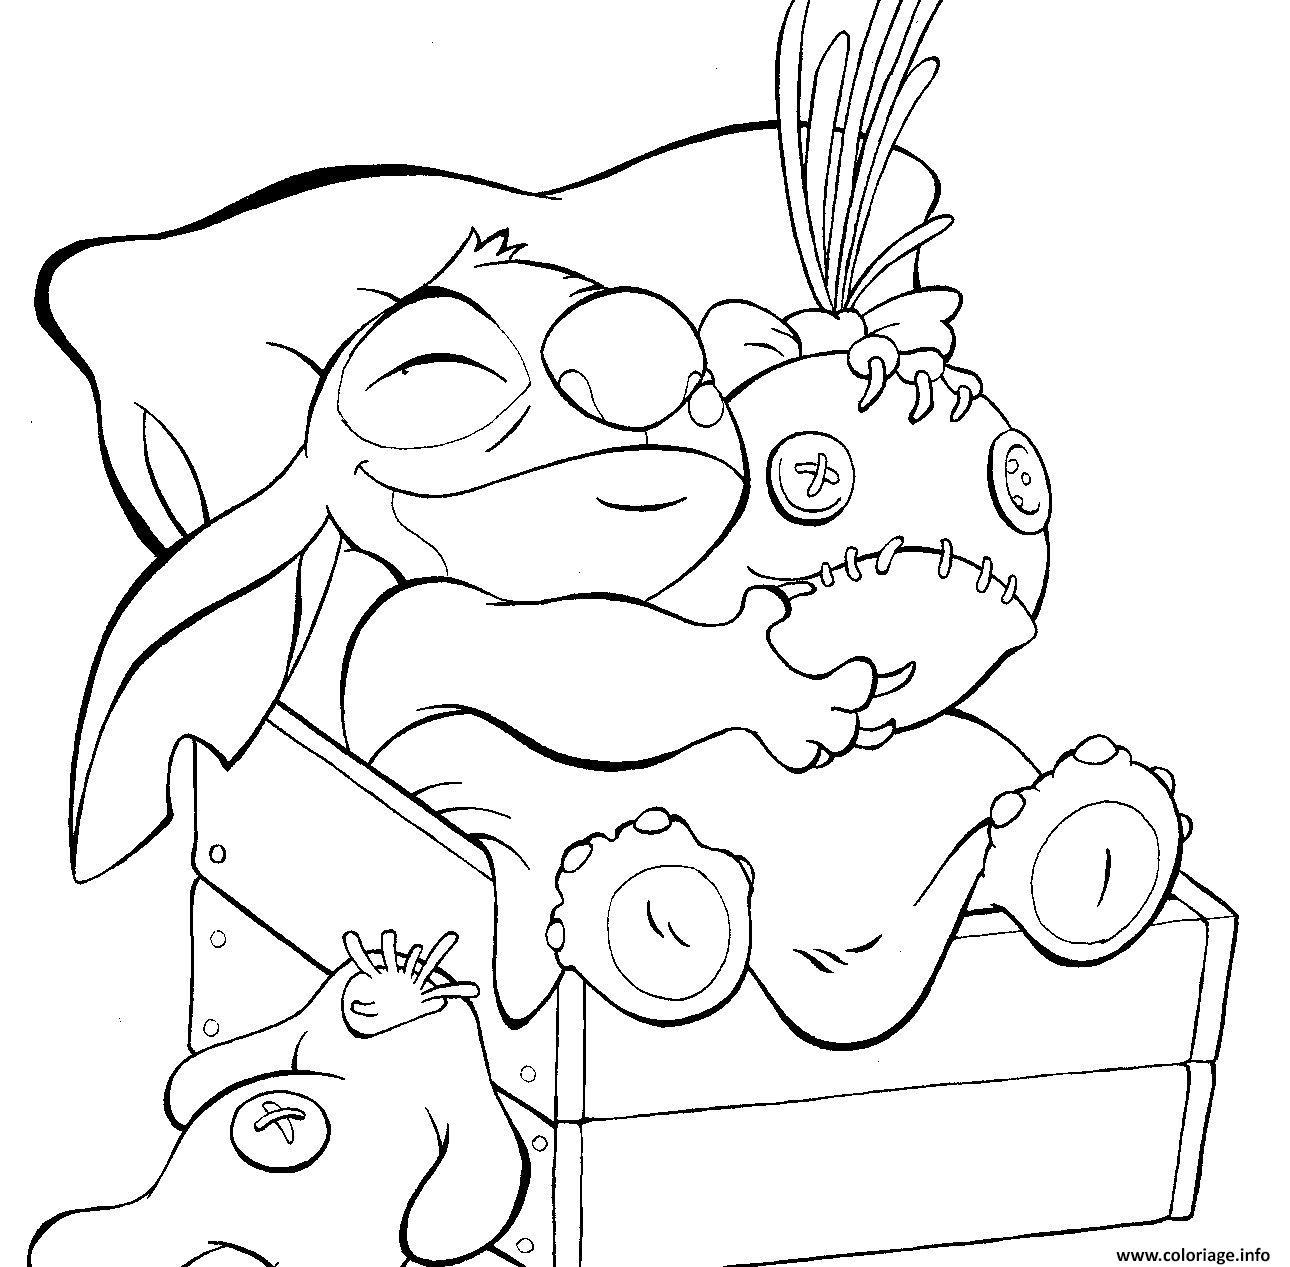 Coloriage Stitch Veut Dormir Disney Dessin